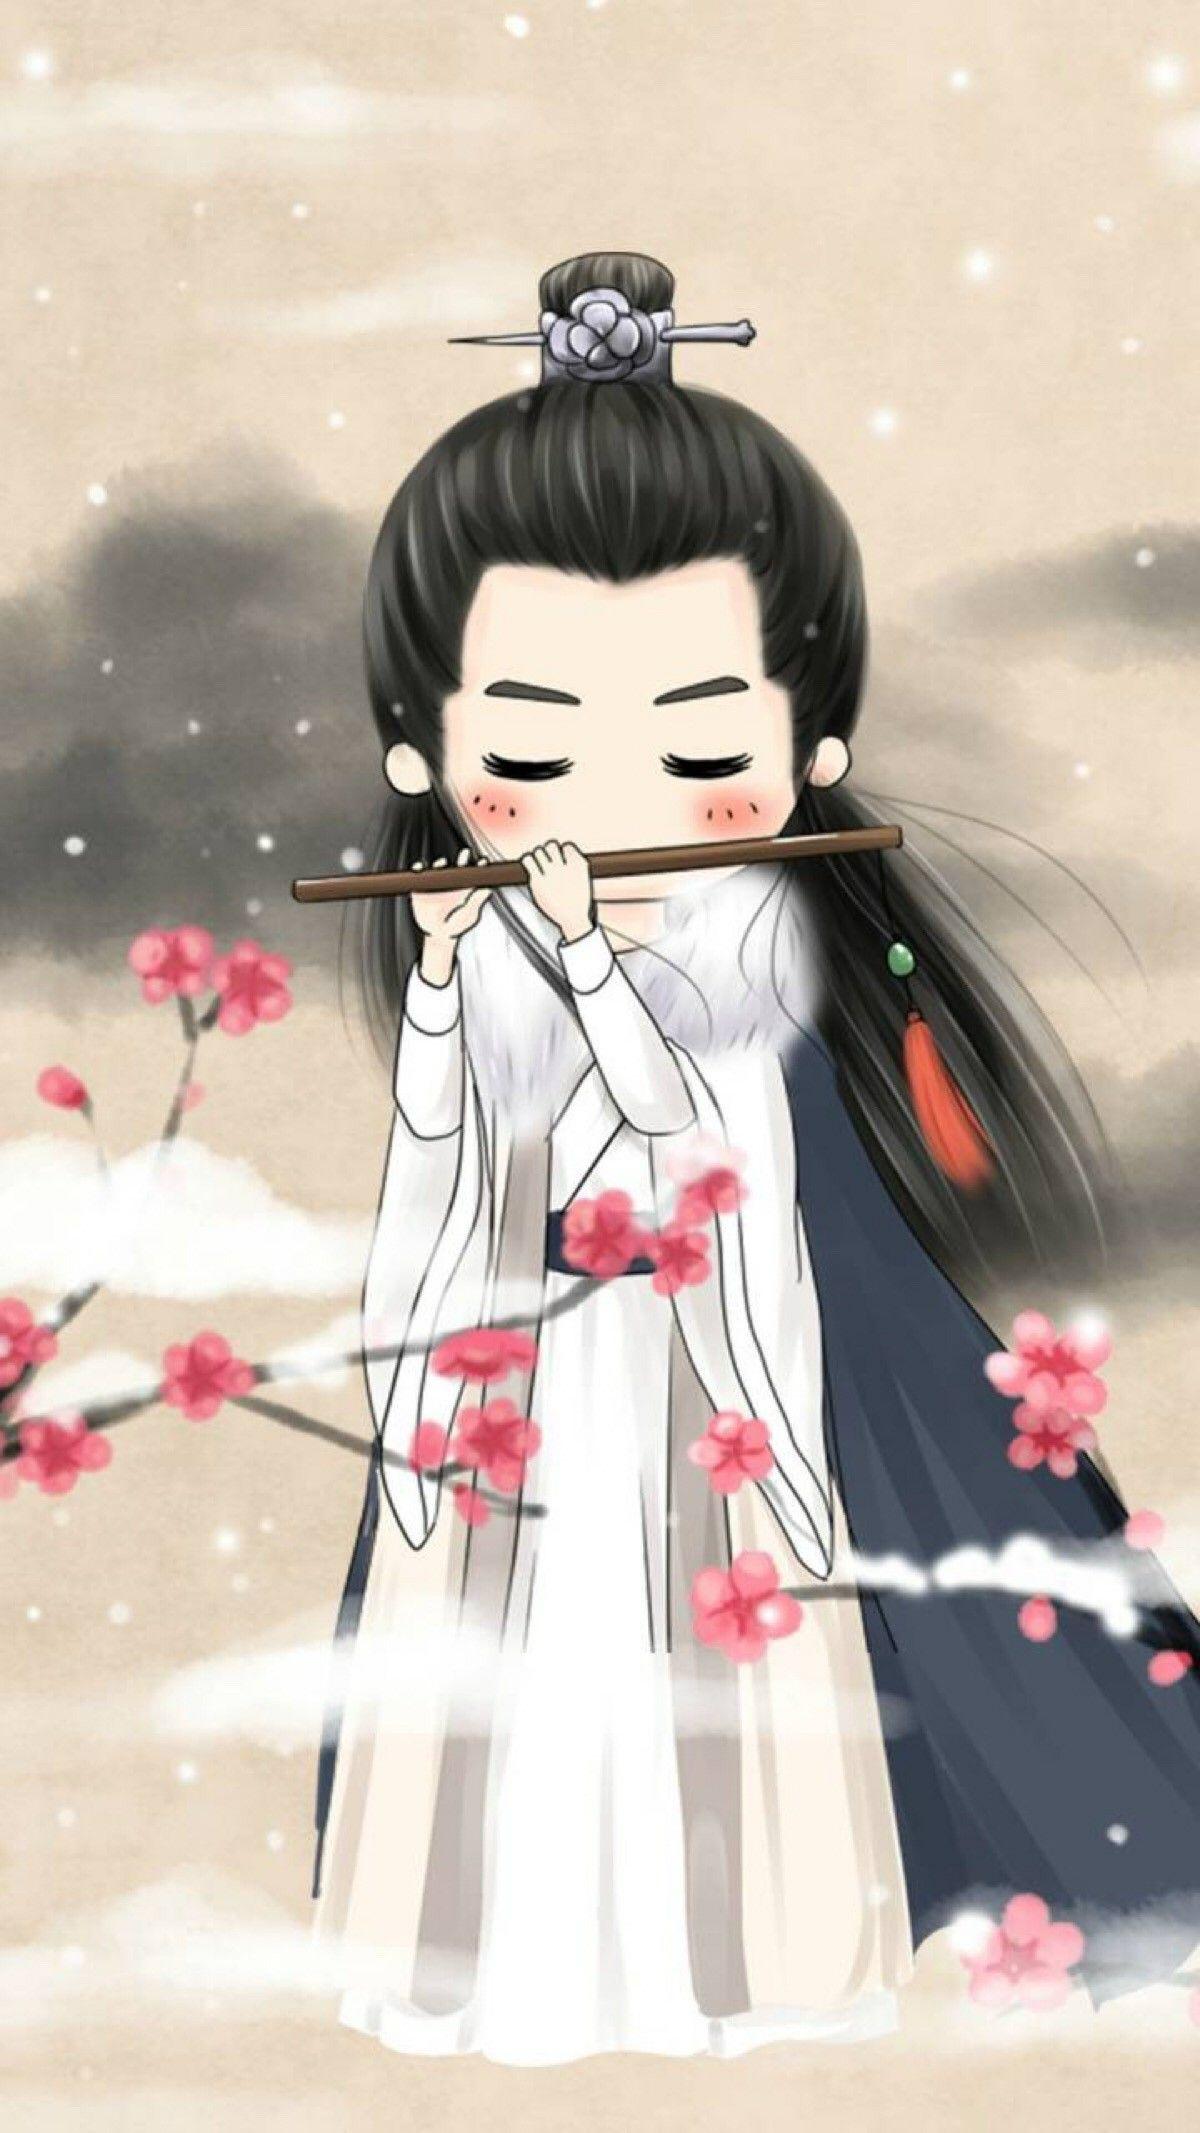 Pin by ROSE on Girl Kawaii illustration, Anime chibi